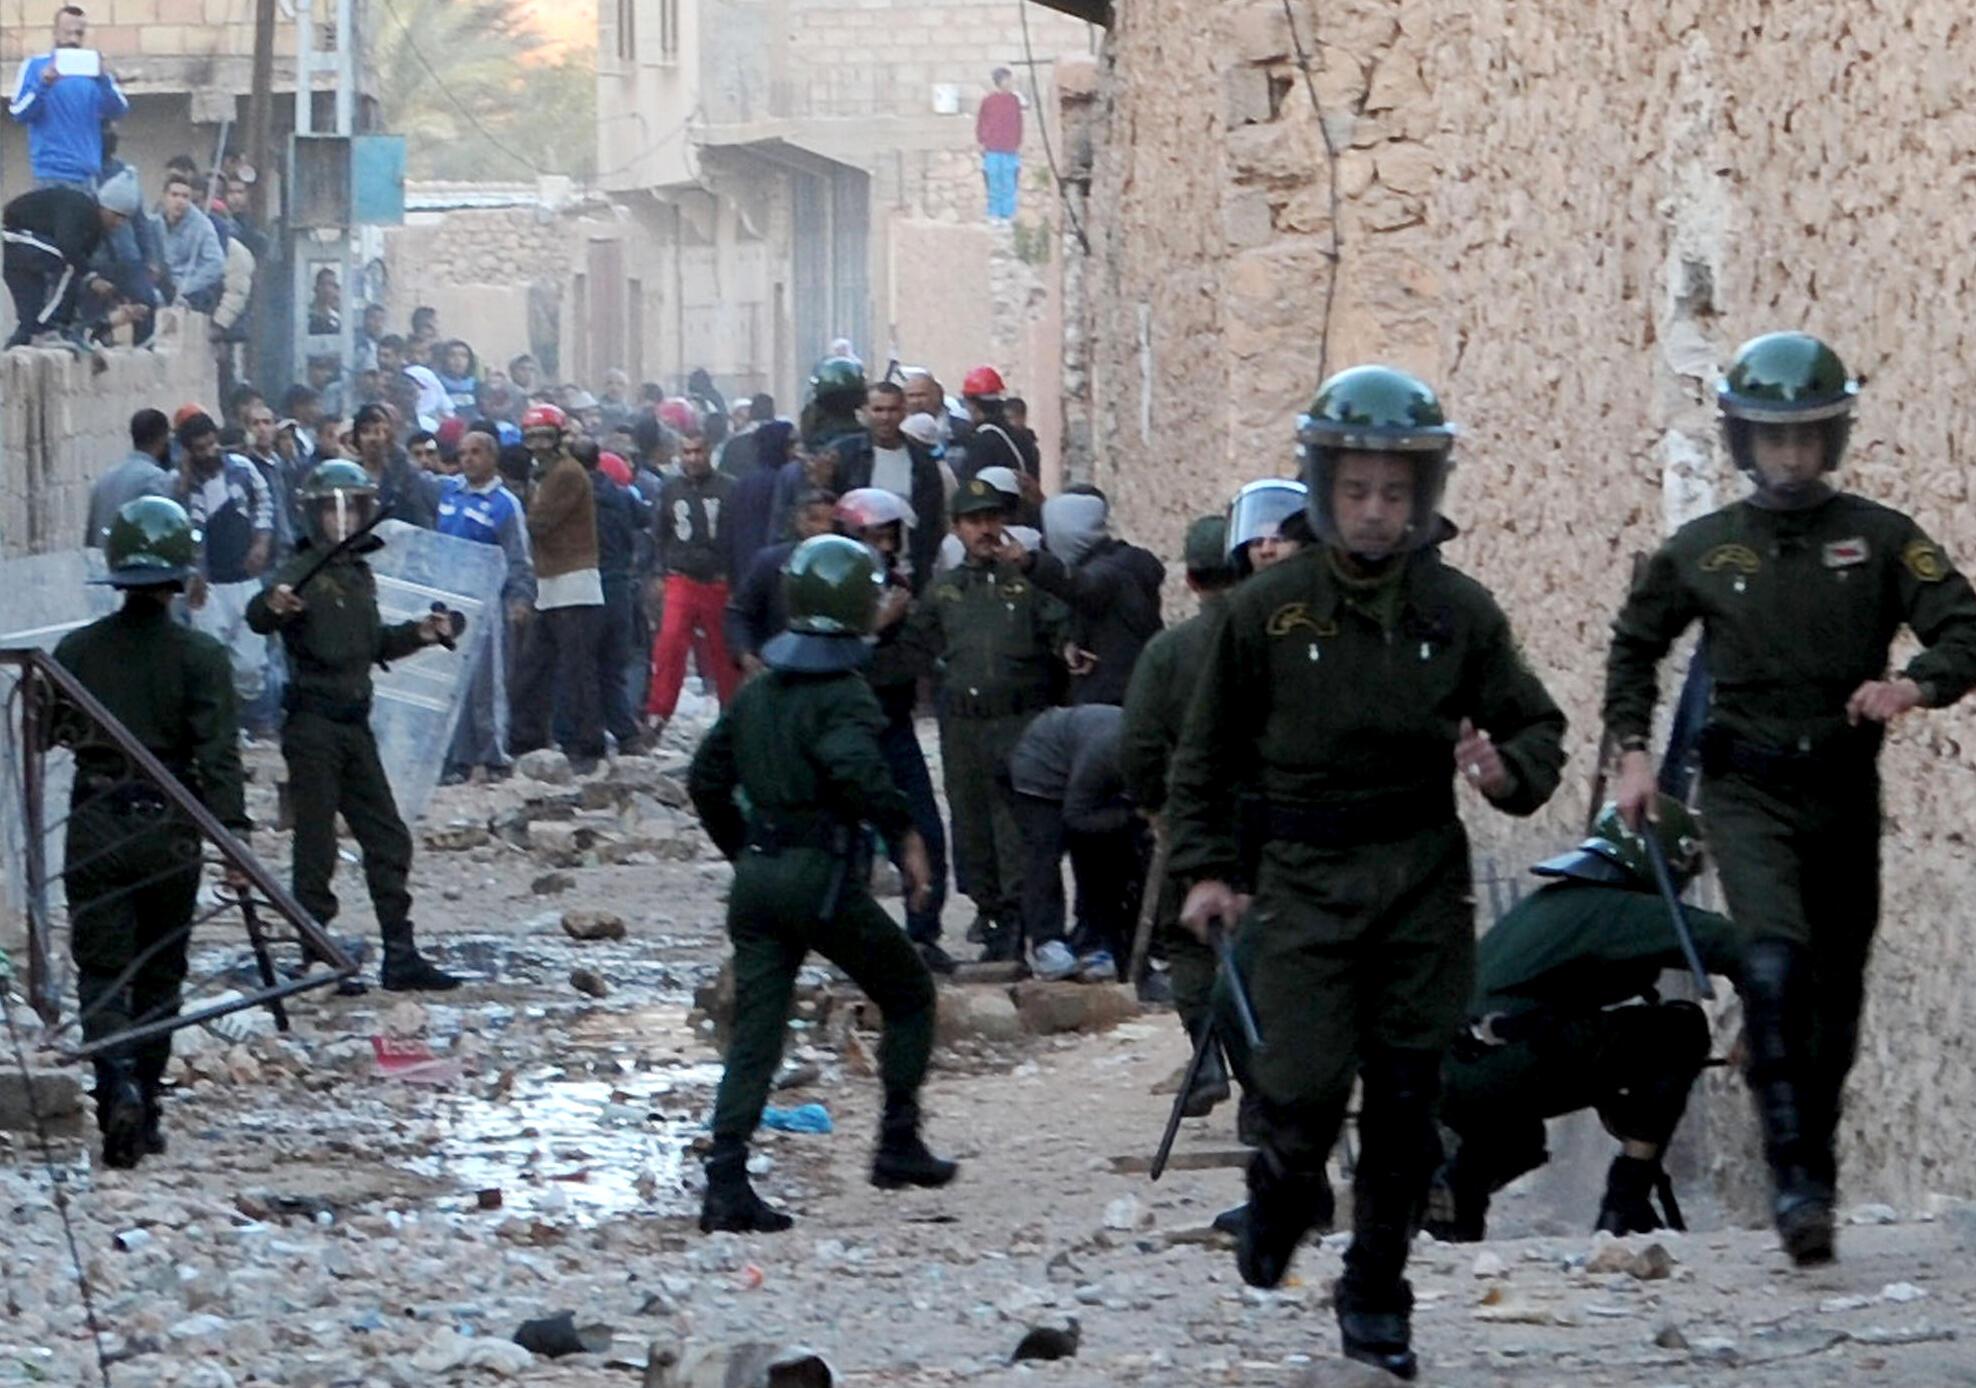 Des violences communautaires secouent régulièrement Ghardaïa et sa région depuis plus de deux ans.